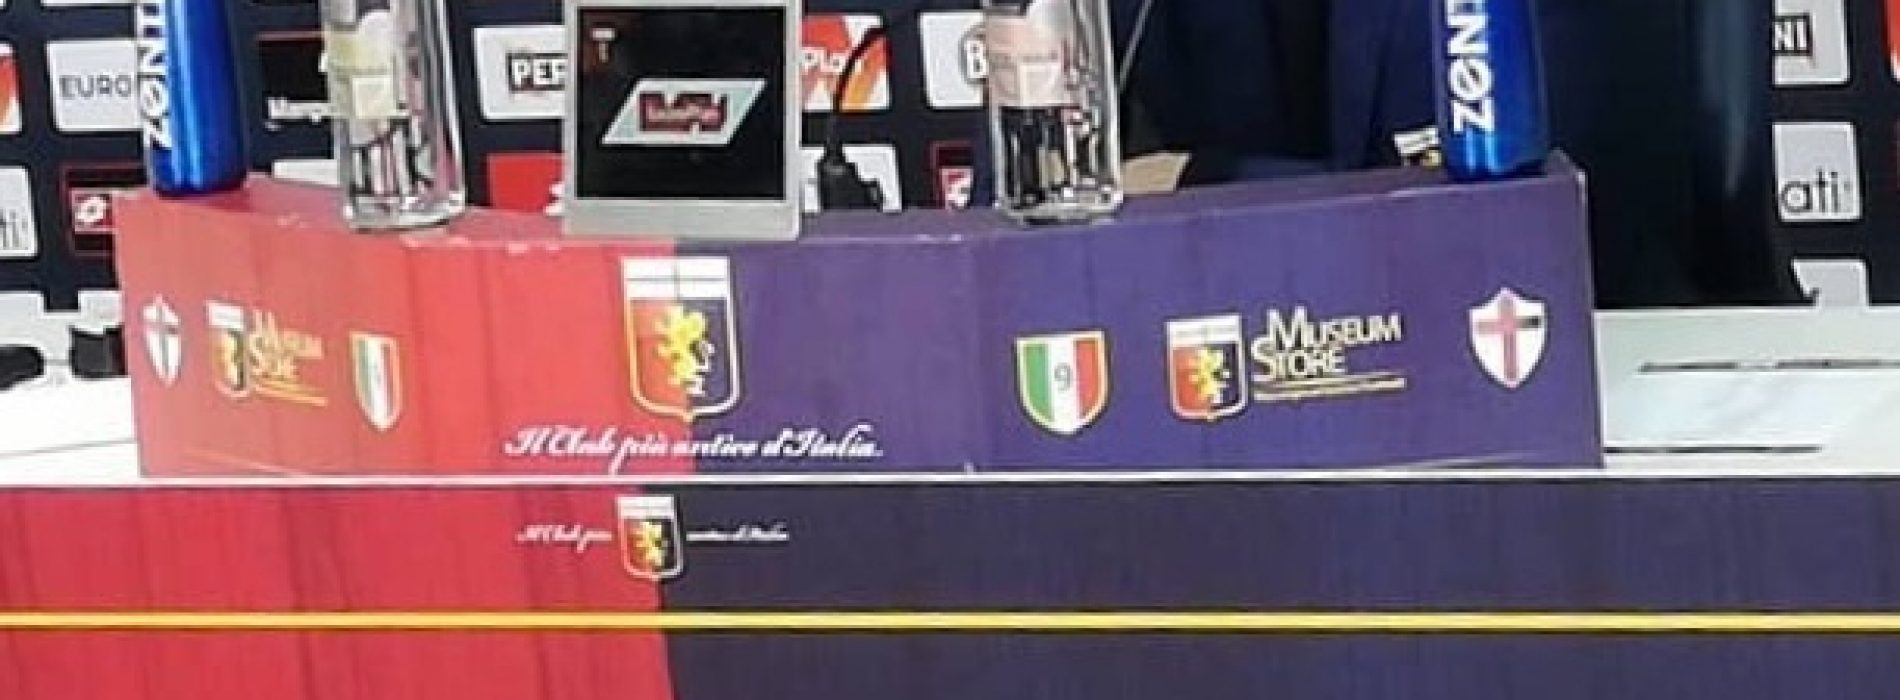 """Genoa, Prandelli: """"Dipende tutto da noi, città con risorse straordinarie. Pronti per il Cagliari"""" [TESTO+VIDEO]"""